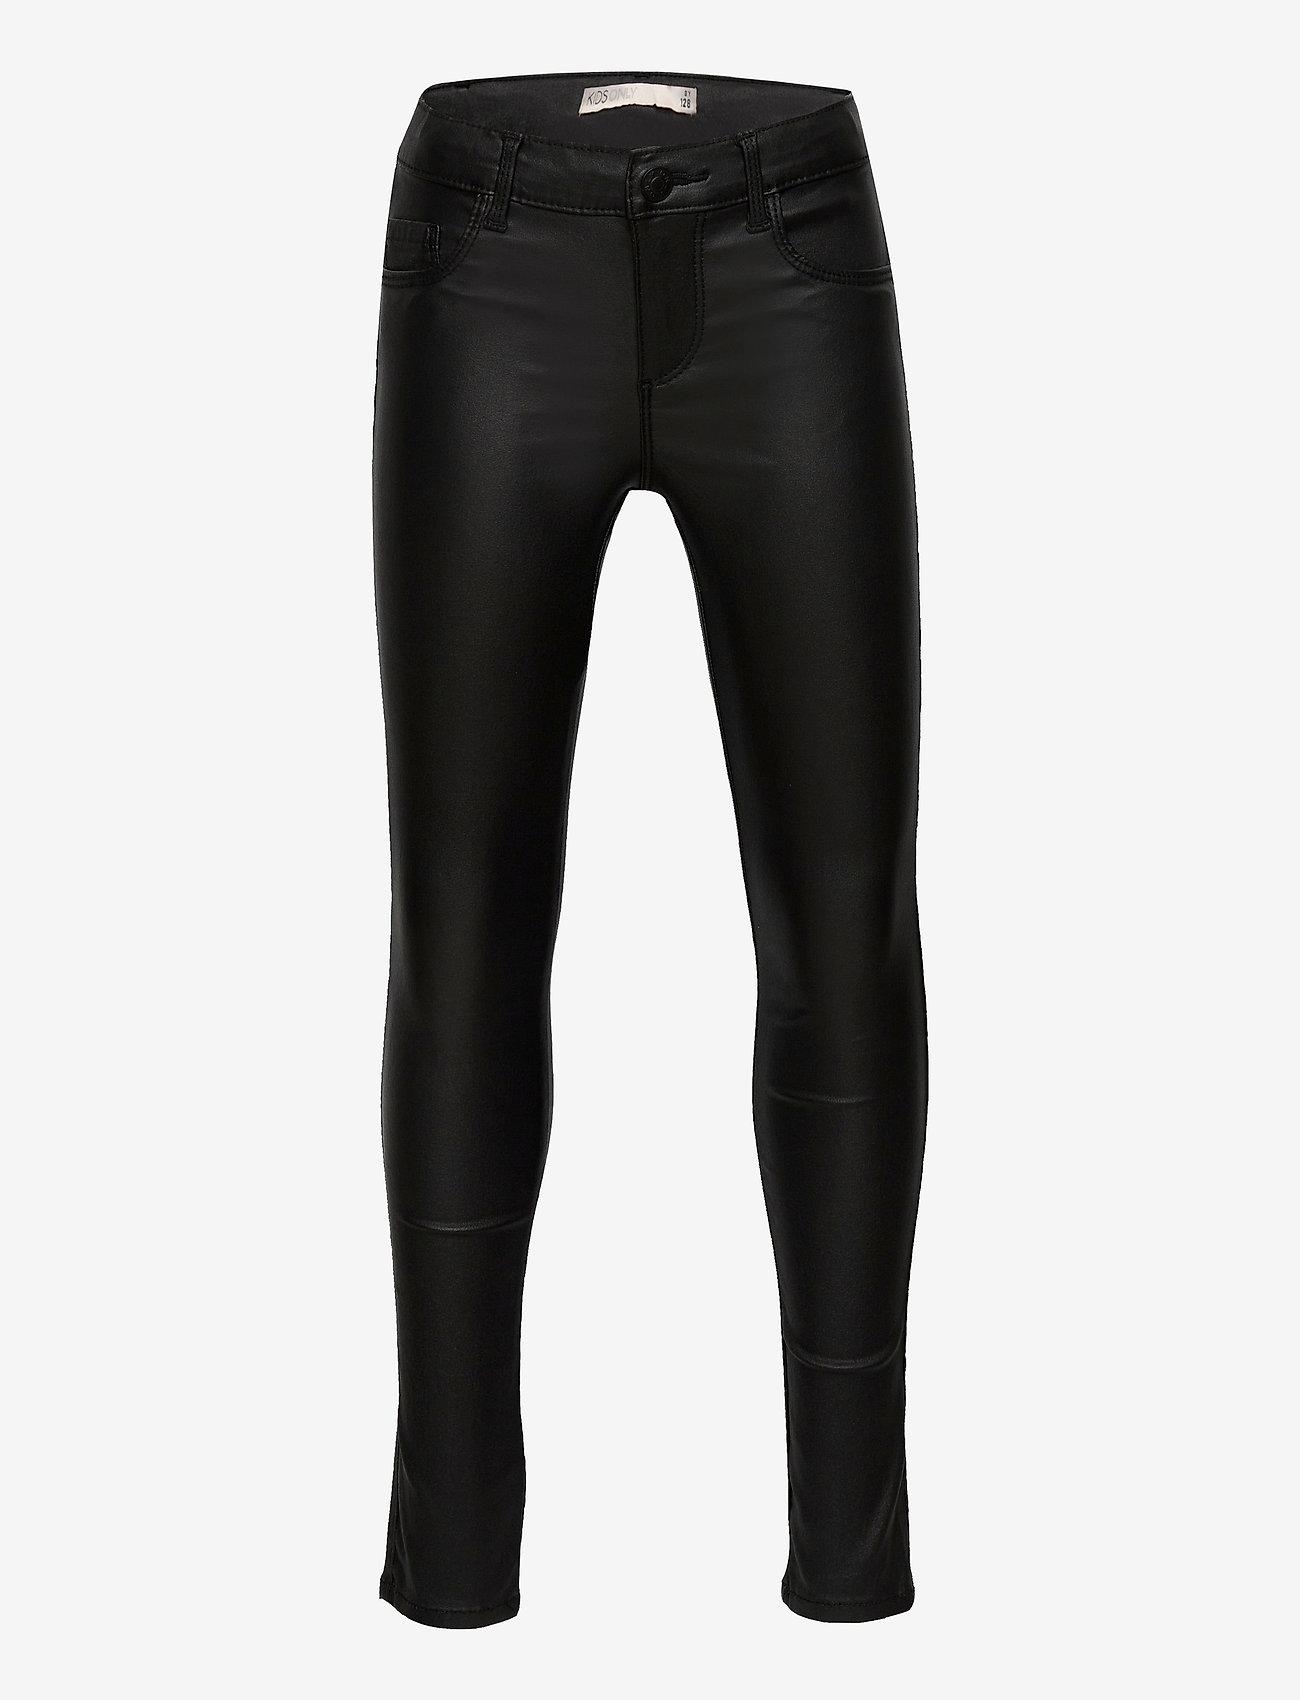 Kids Only - KONROYAL  SK  ROCK  COATED PNT PIM NOOS - jeans - black - 0